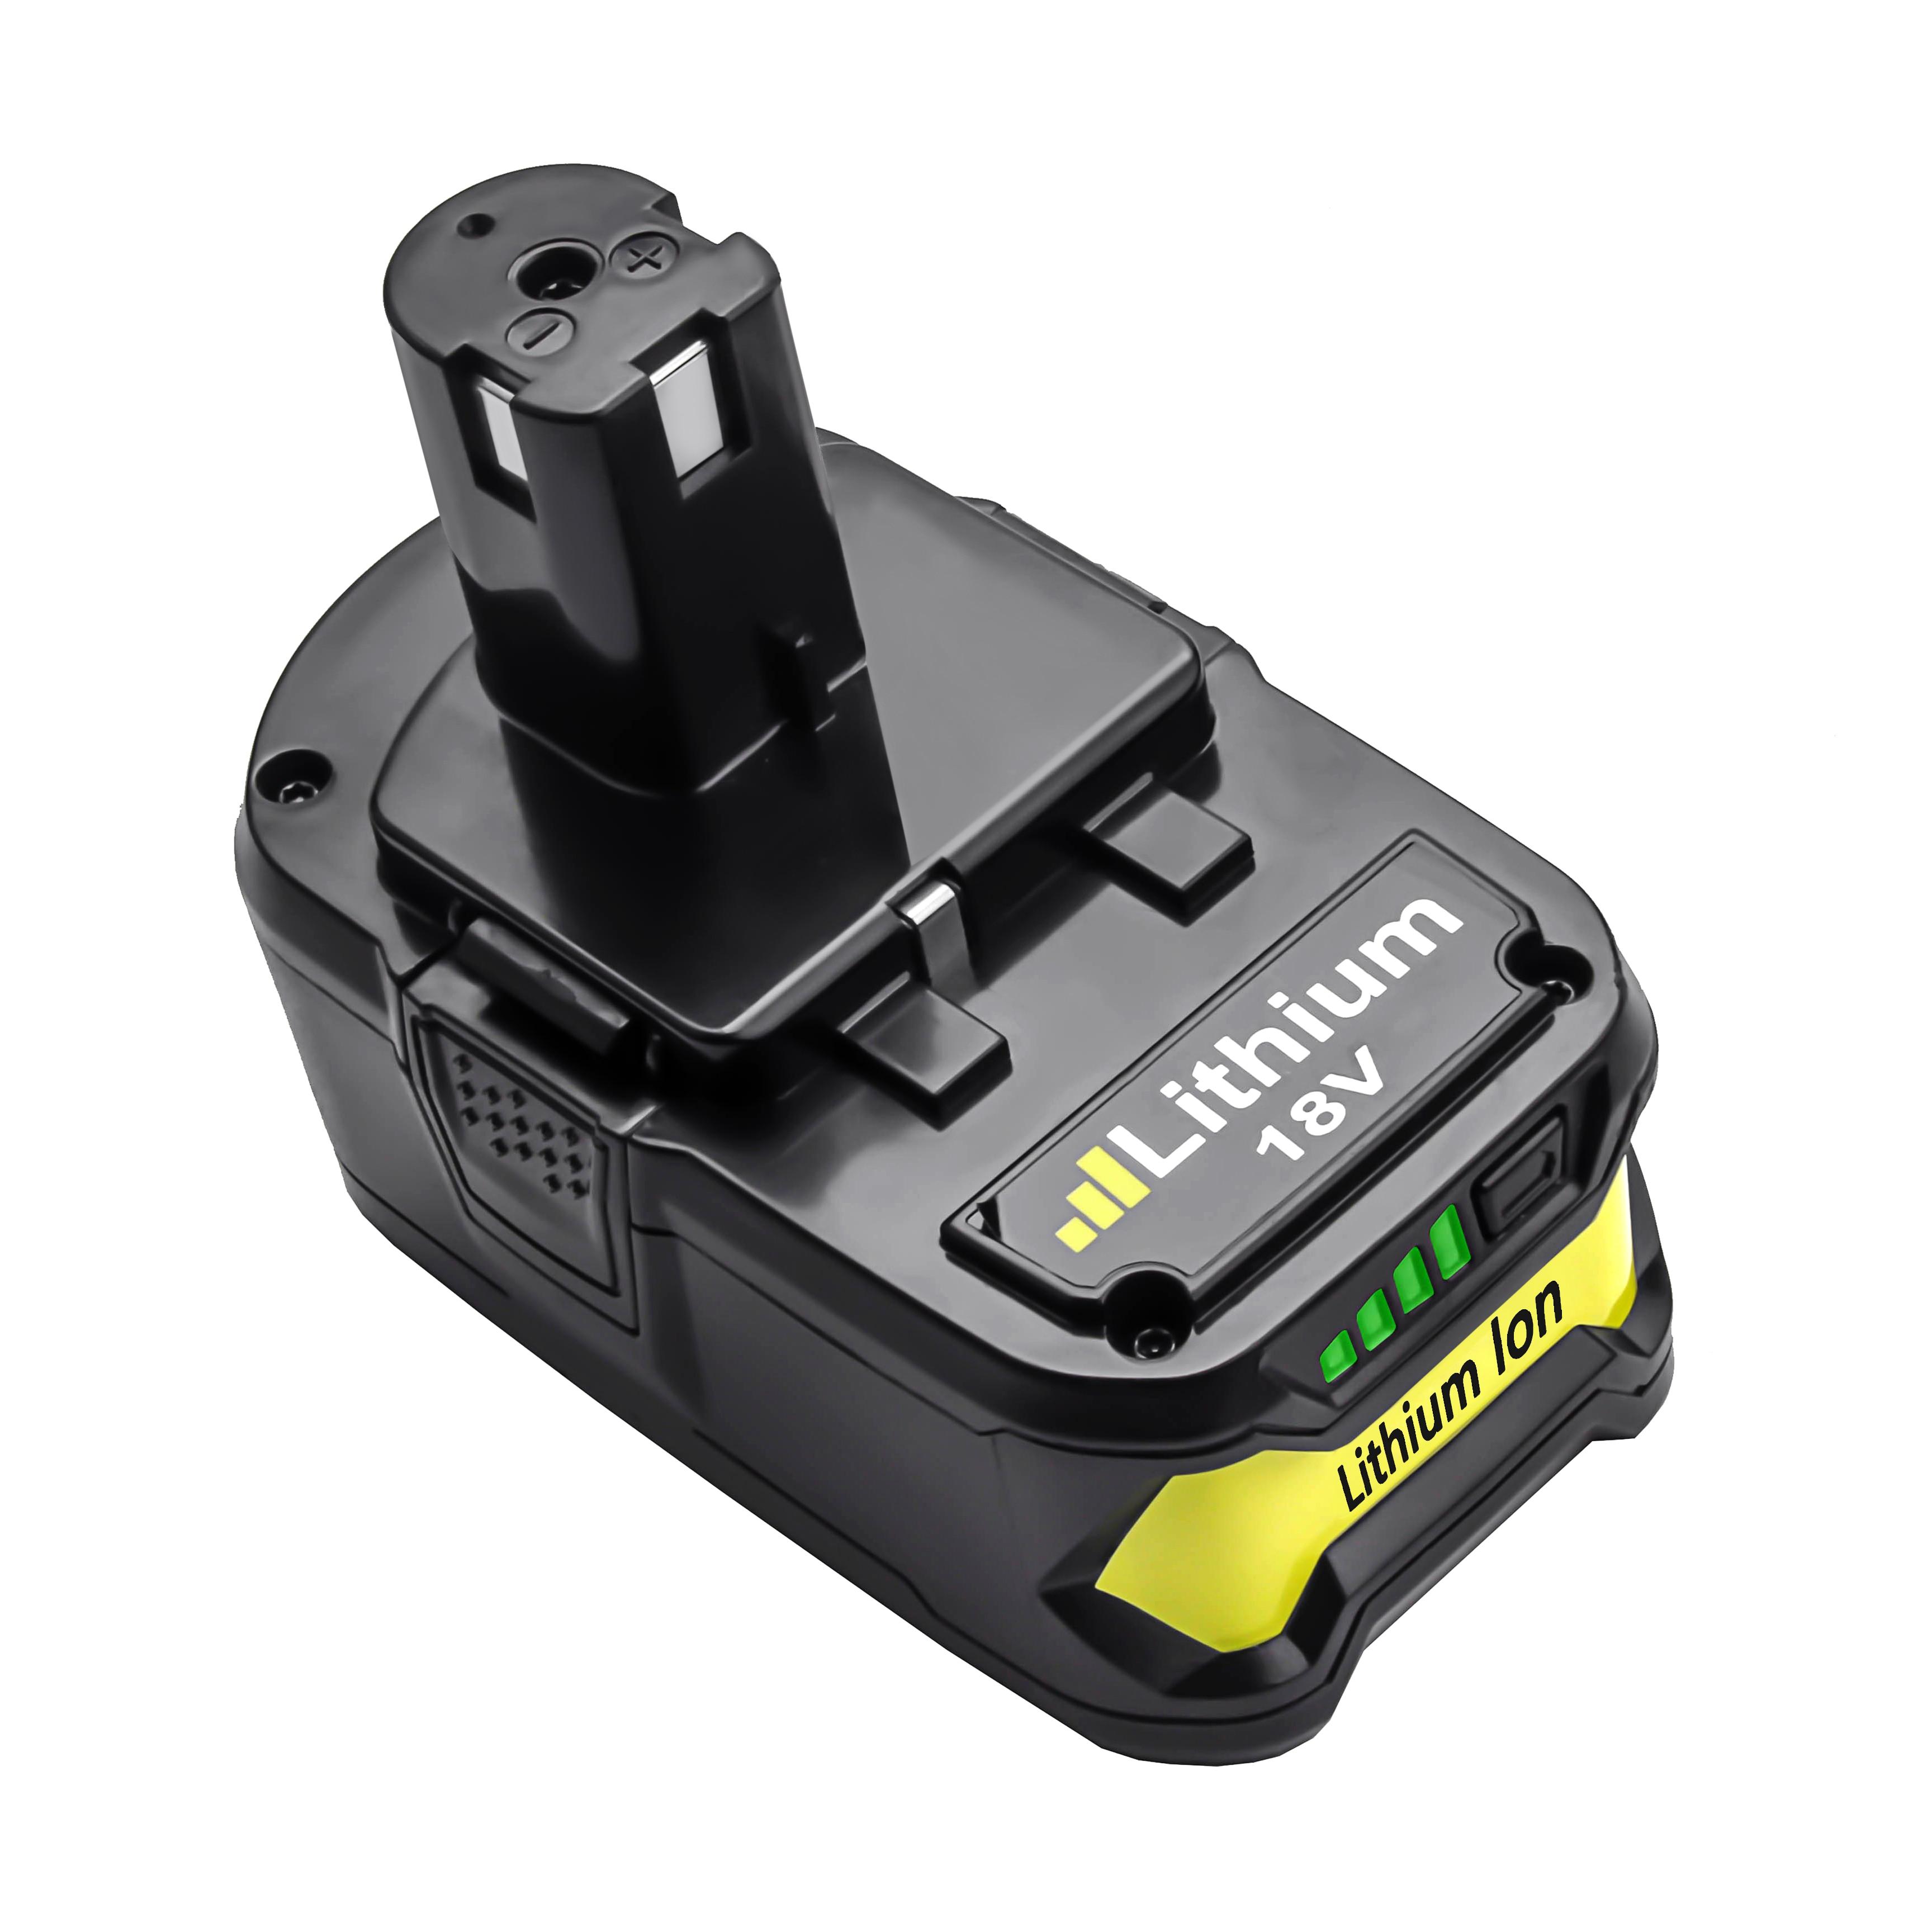 Powtree pour Ryobi 4000mAH 6000mAh 18V P108 Li-Ion Rechargeable outil électrique batterie de remplacement RB18L40 P107 P104 BIW180